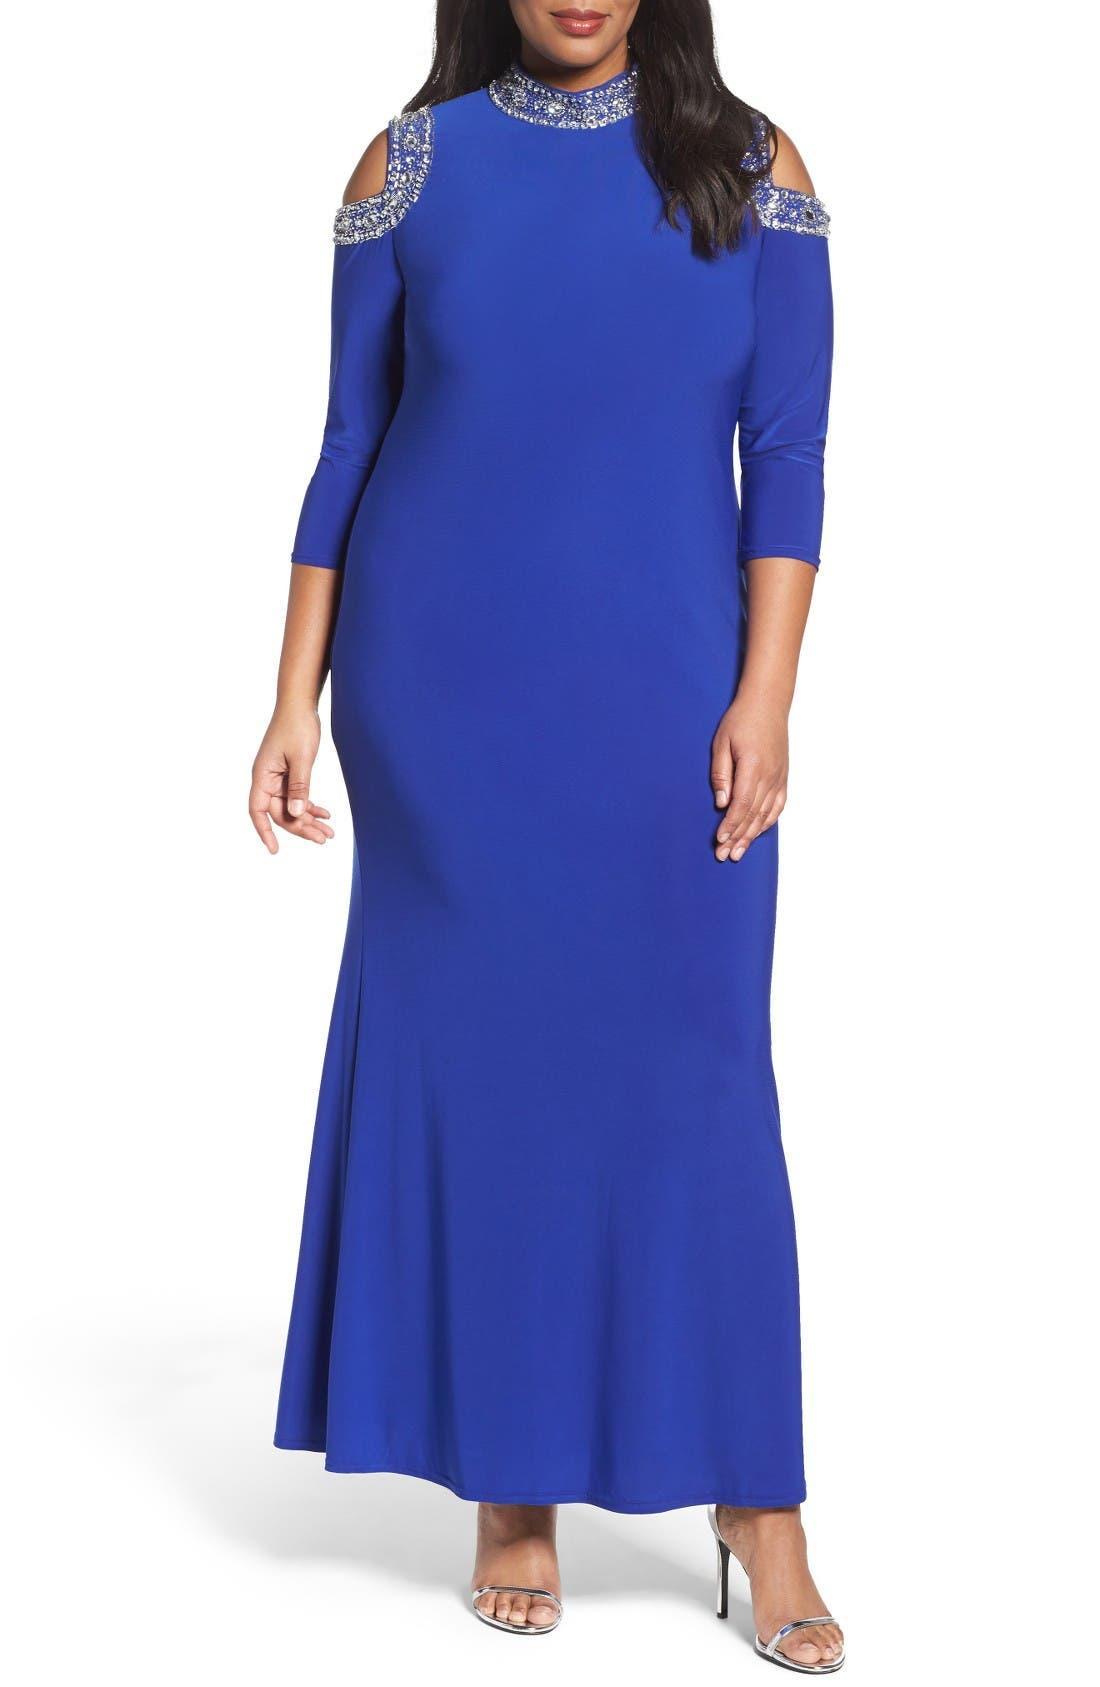 Alternate Image 1 Selected - Marina Embellished Neck Cold Shoulder Gown (Plus Size)